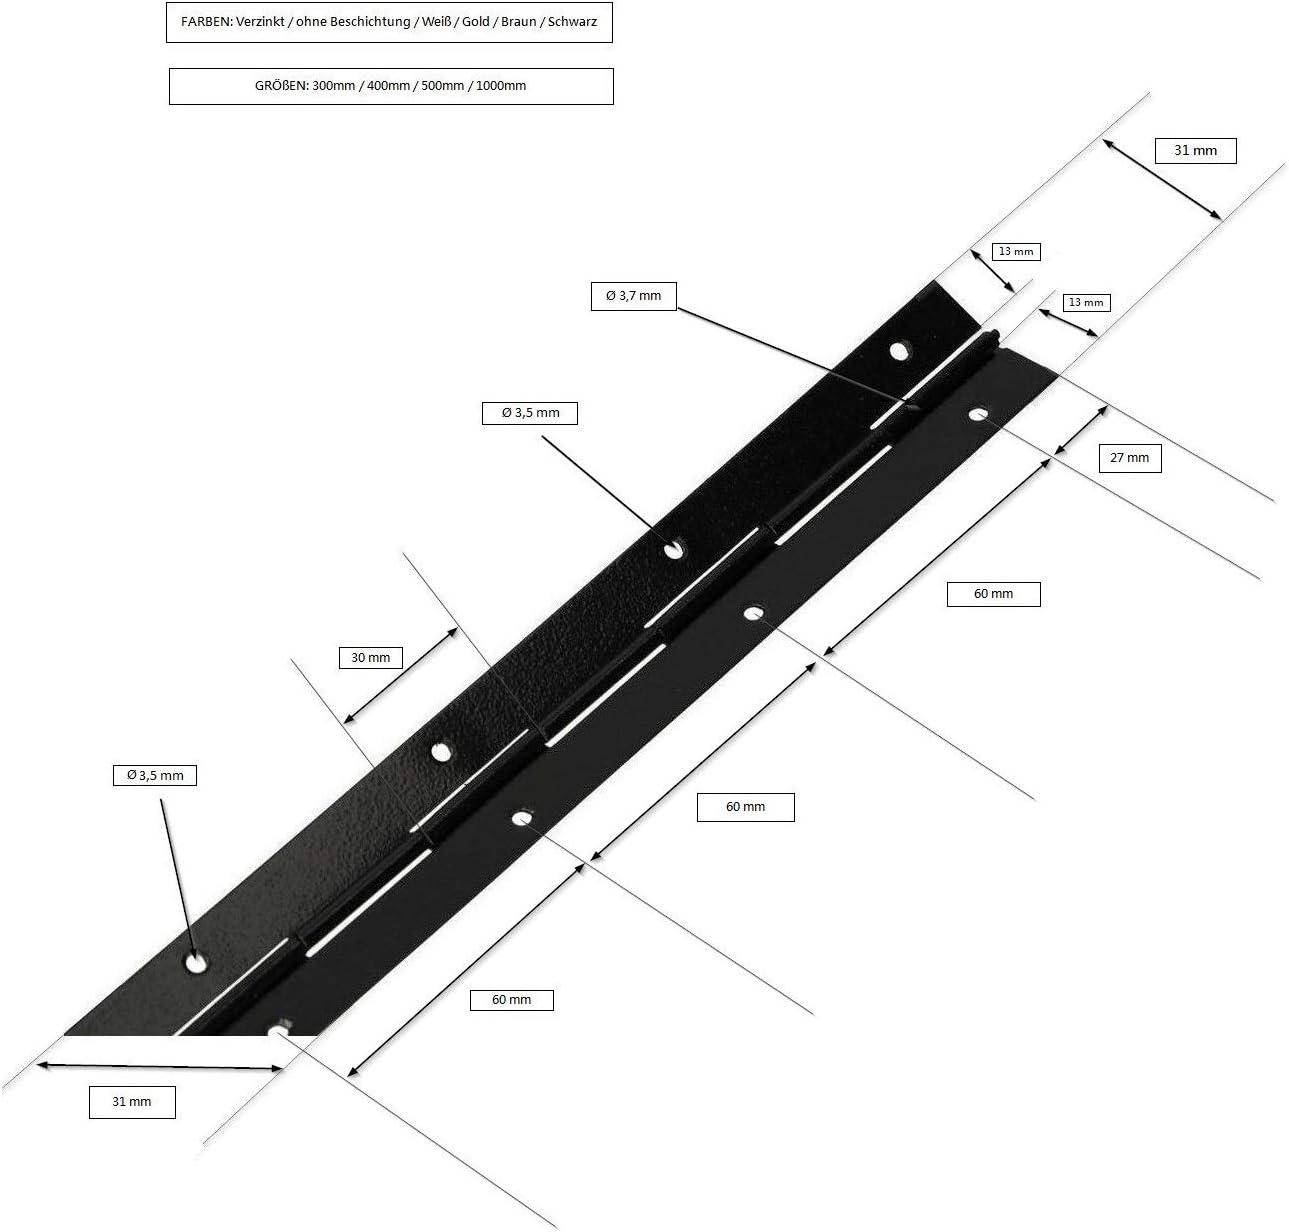 KOTARBAU/® Stangenscharnier Klavierband 300//31 mm Alle Farben Teilbar//Schneidbar Scharnier K/ürzbar Stabil Anschwei/ßband Scharnierband M/öbelscharnier 1, Braun